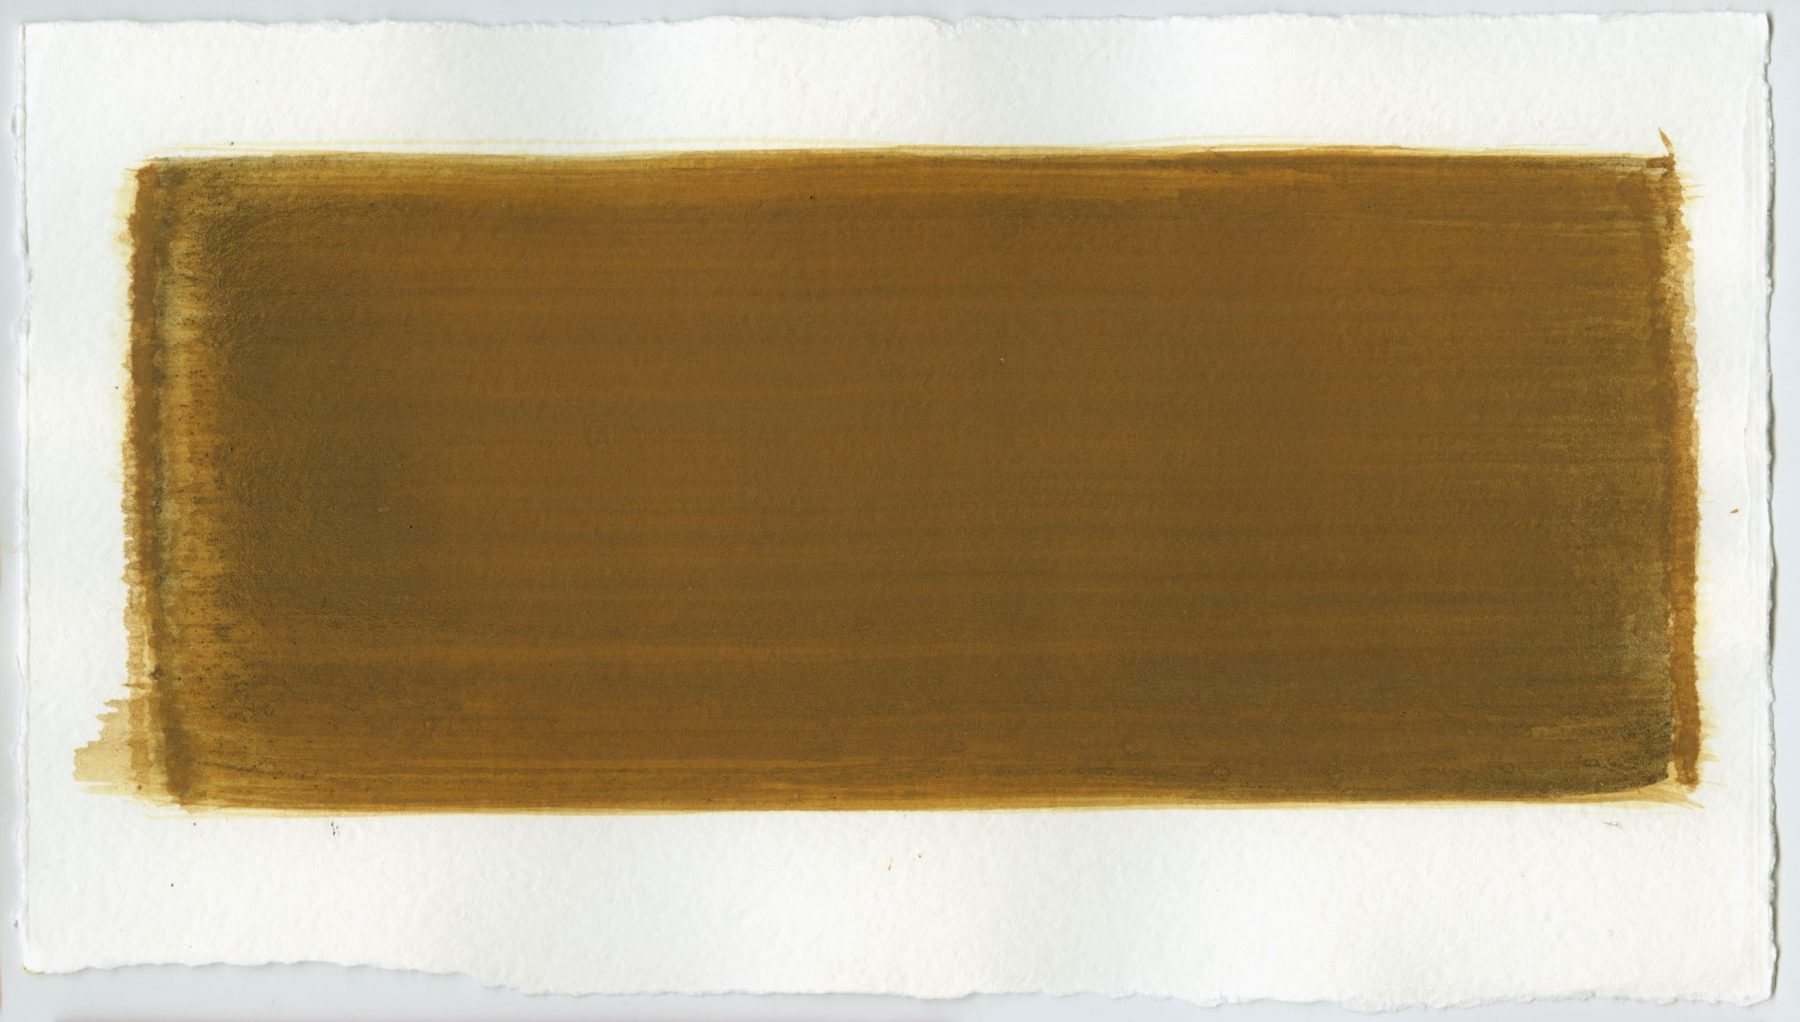 Brush stroke no. 77 - Selfmade pigment: Slingerpad bruin, Mortelse goudoker